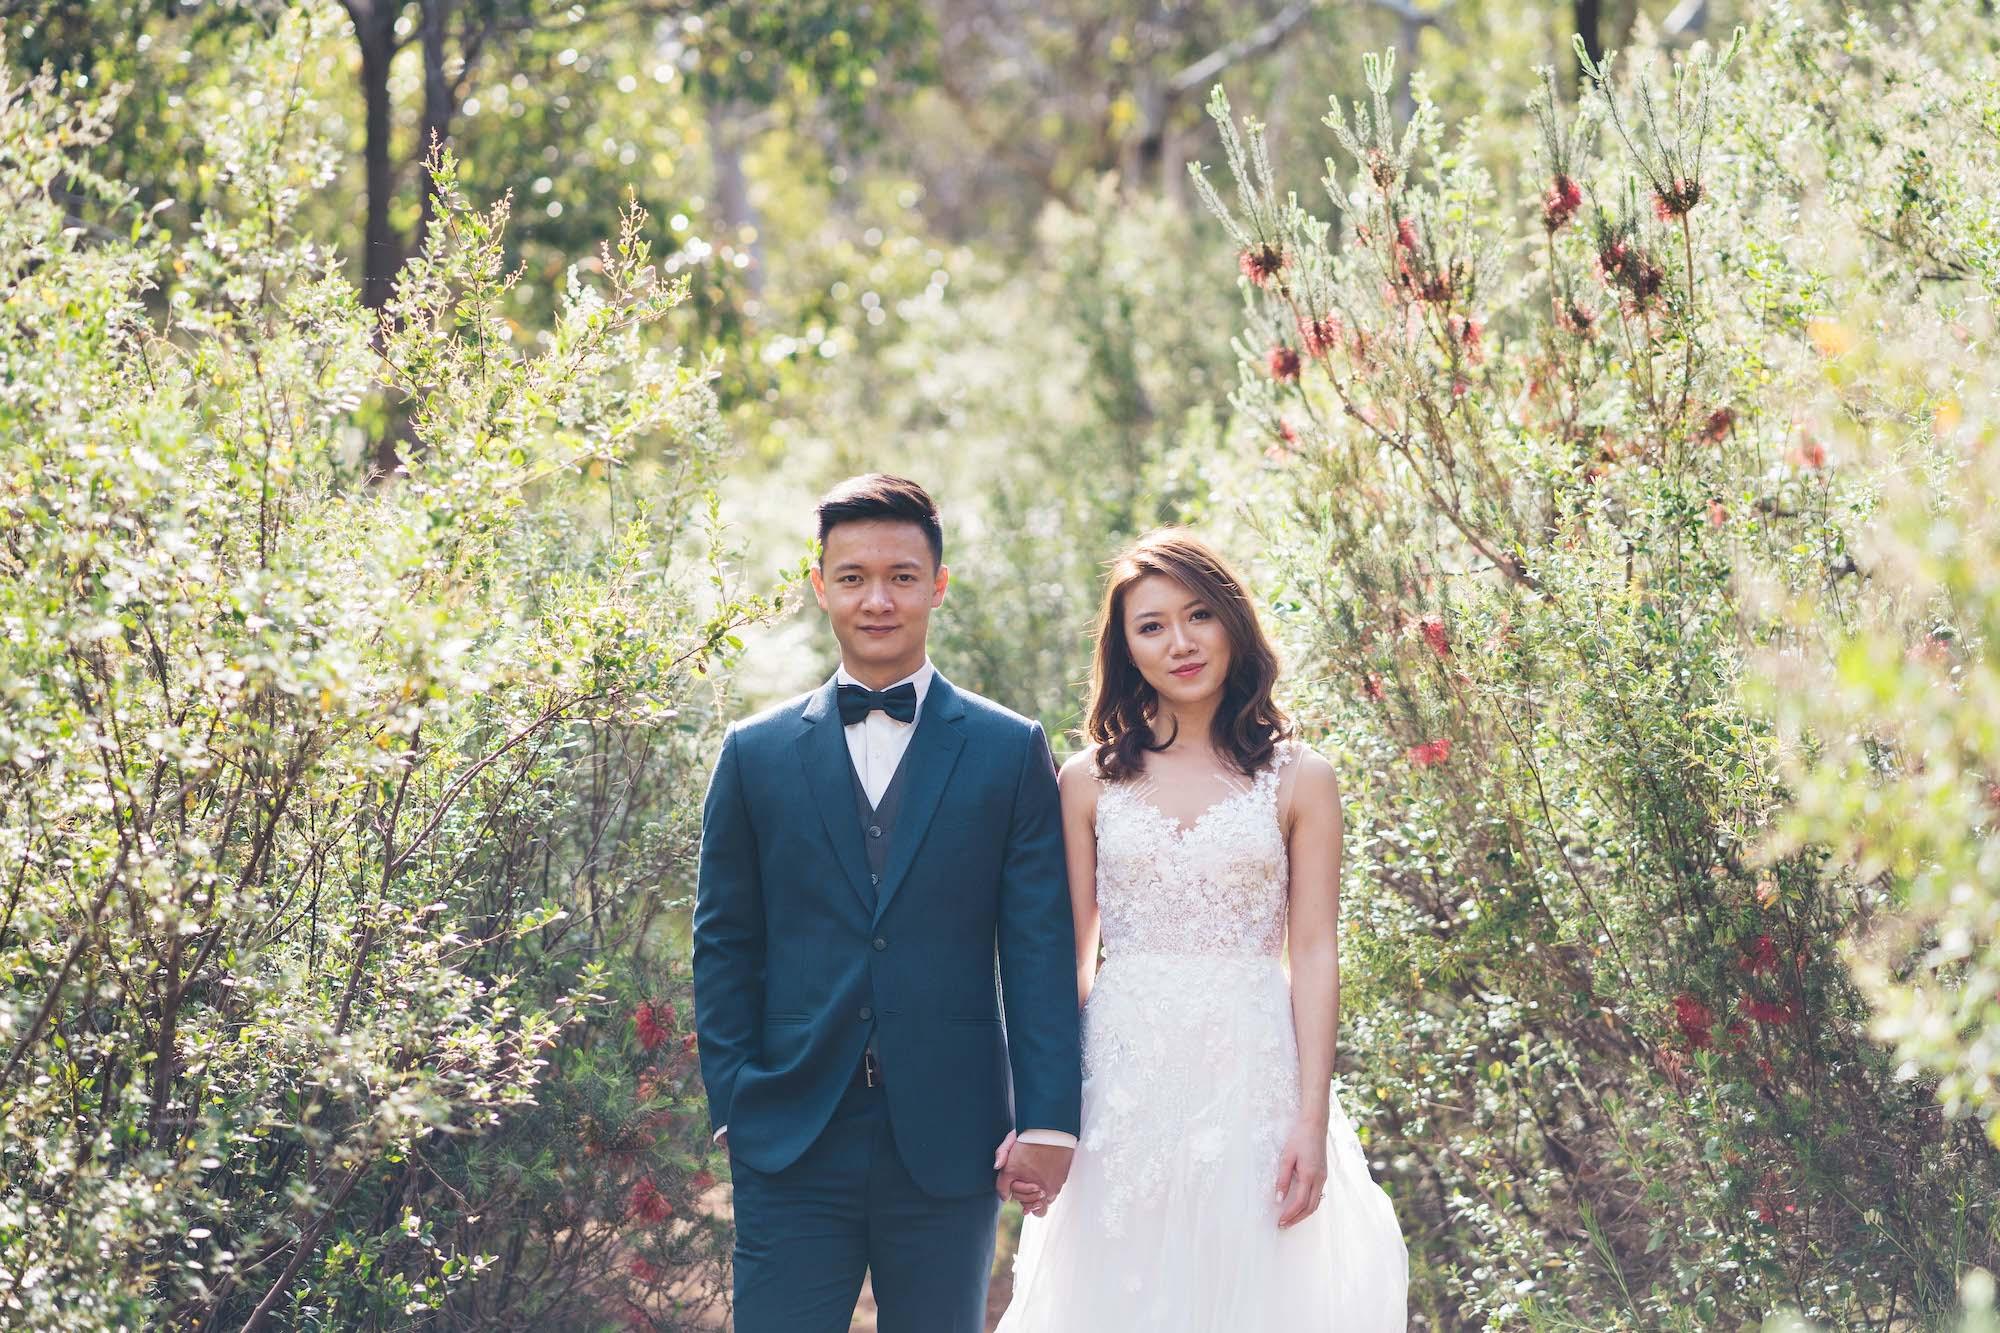 Lin & Shawn - Perth Prewedding 19.jpg